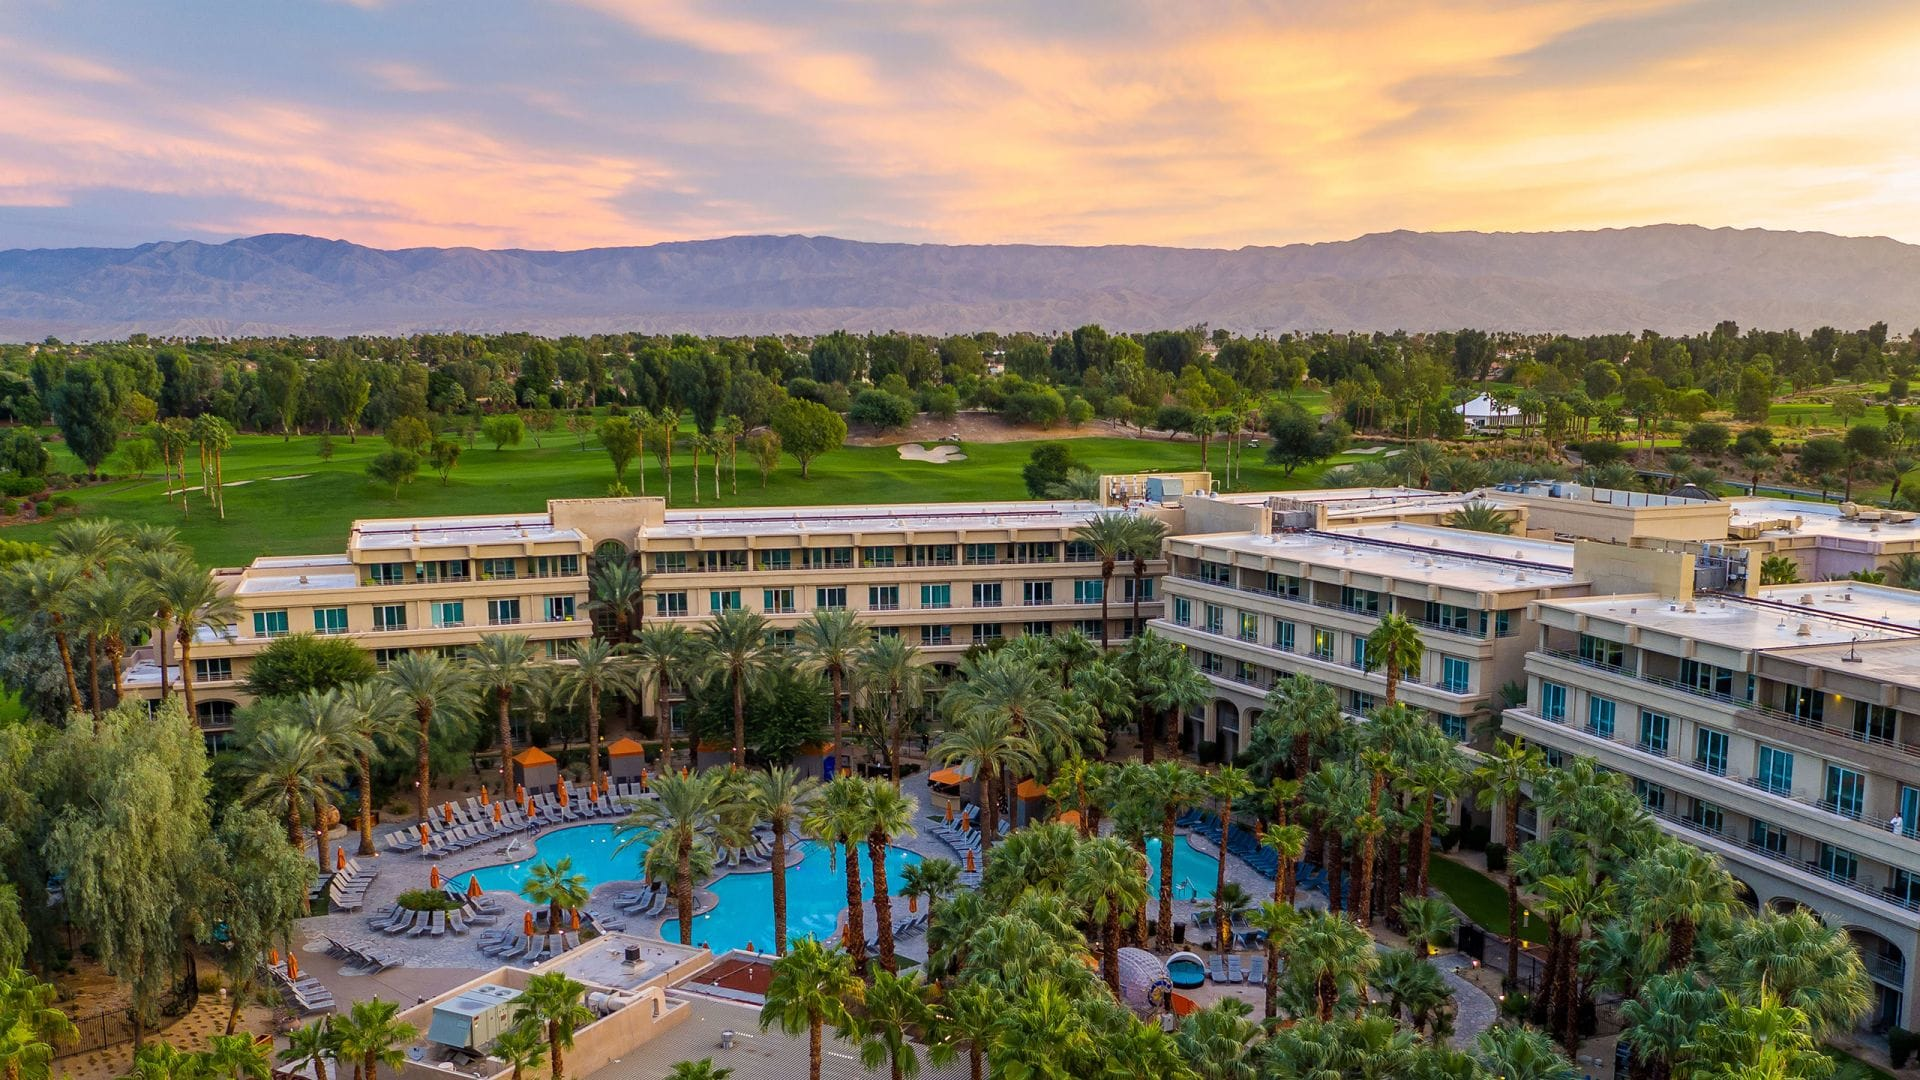 Hyatt-Regency-Indian-Wells-Resort-and-Spa-P334-Aerial-Villas.2560x1440-v2.adapt.1920.1080.jpg